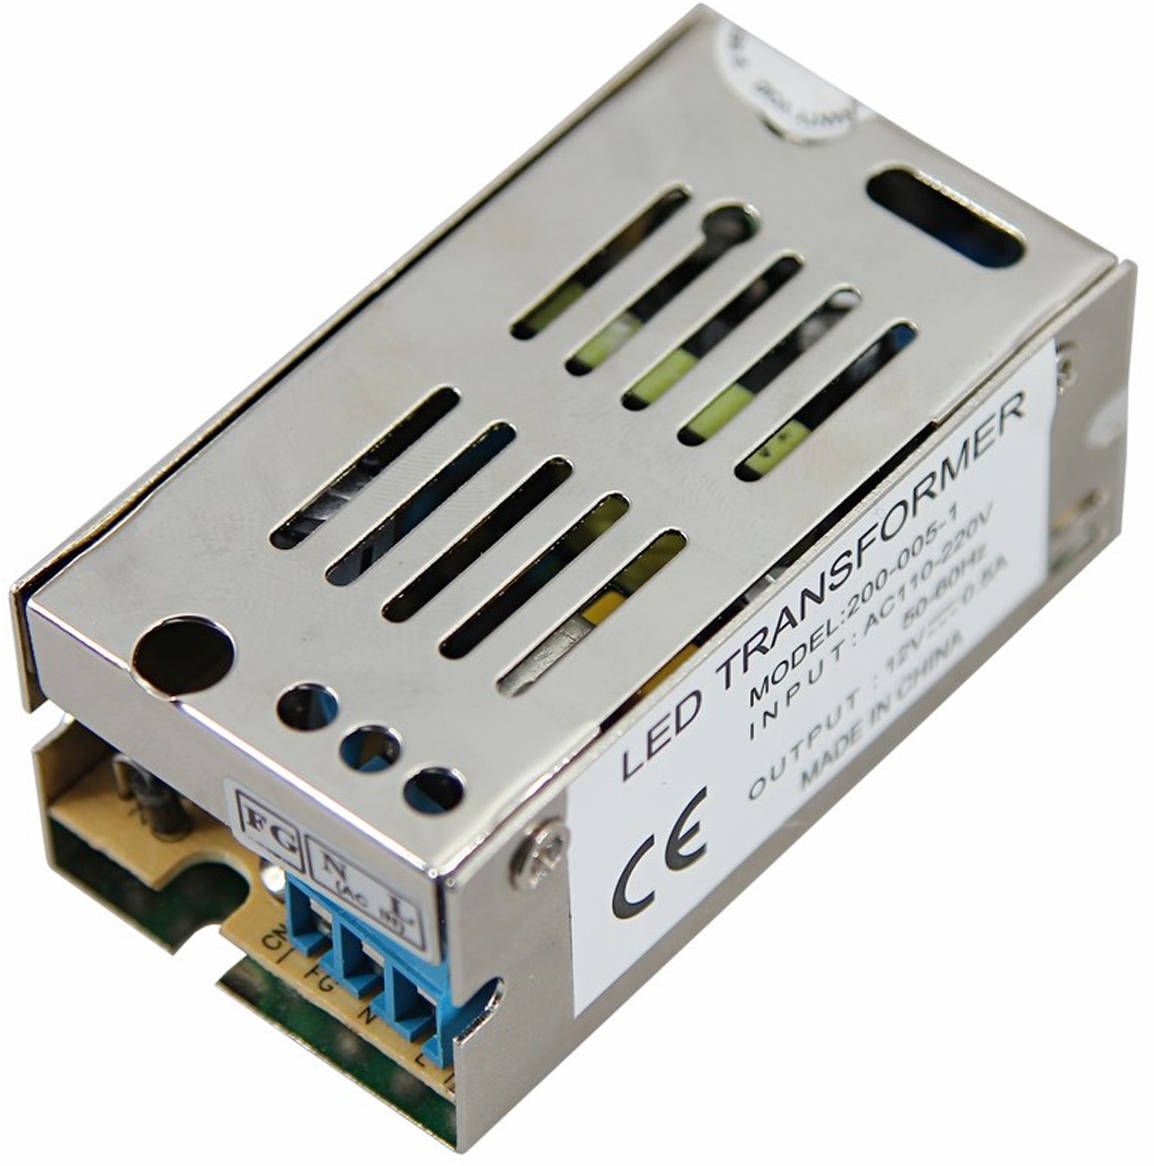 Блок питания для светильника Rexant, 0,5A, 5W, с разъемами под винт, без влагозащиты200-005-1Источник питания можно использовать не только для LED продукции, но и для систем безопасности, видеонаблюдения и питания любых других низковольтных систем. Данная модель имеет мощность 5 Вт и разъемы под винт для подключения.